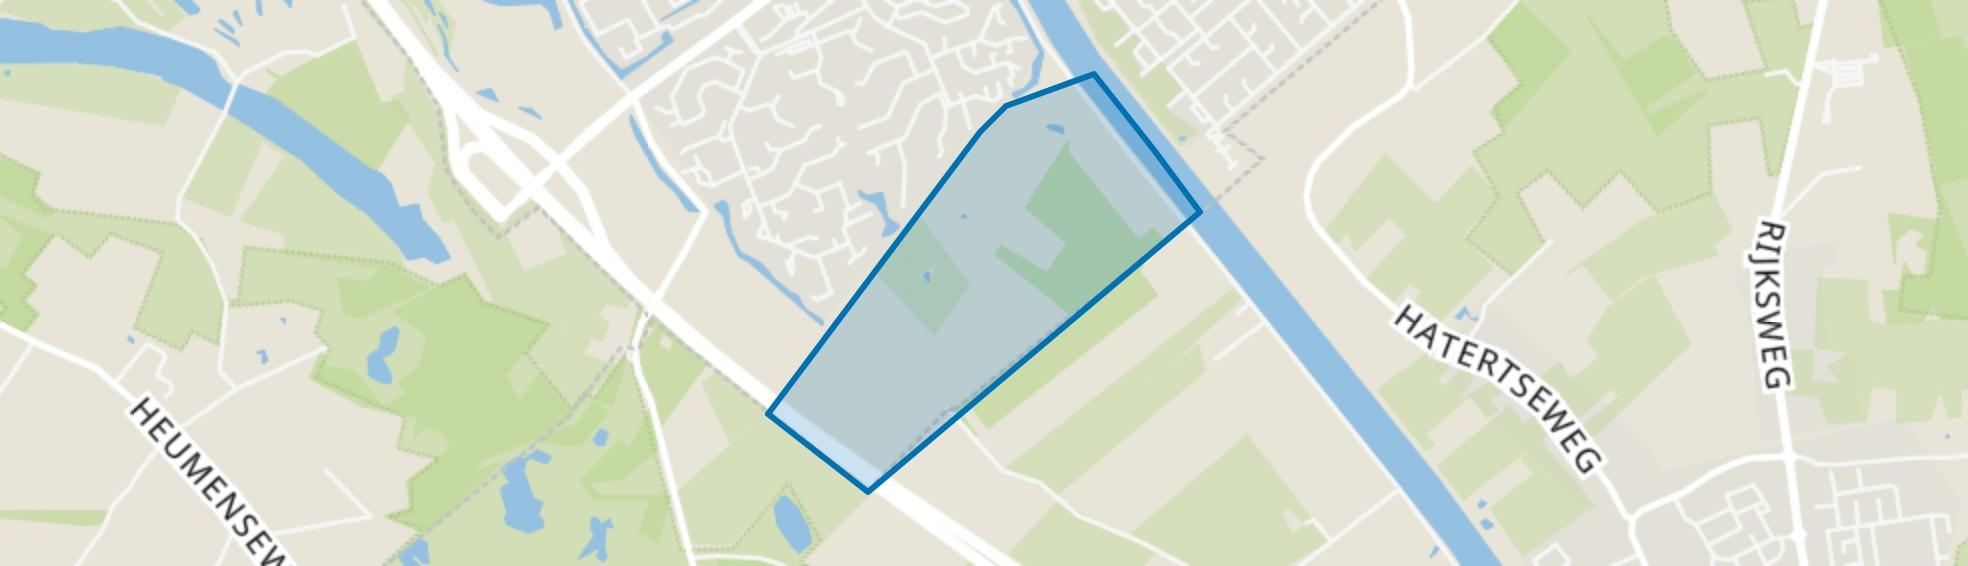 Vogelzang, Nijmegen map